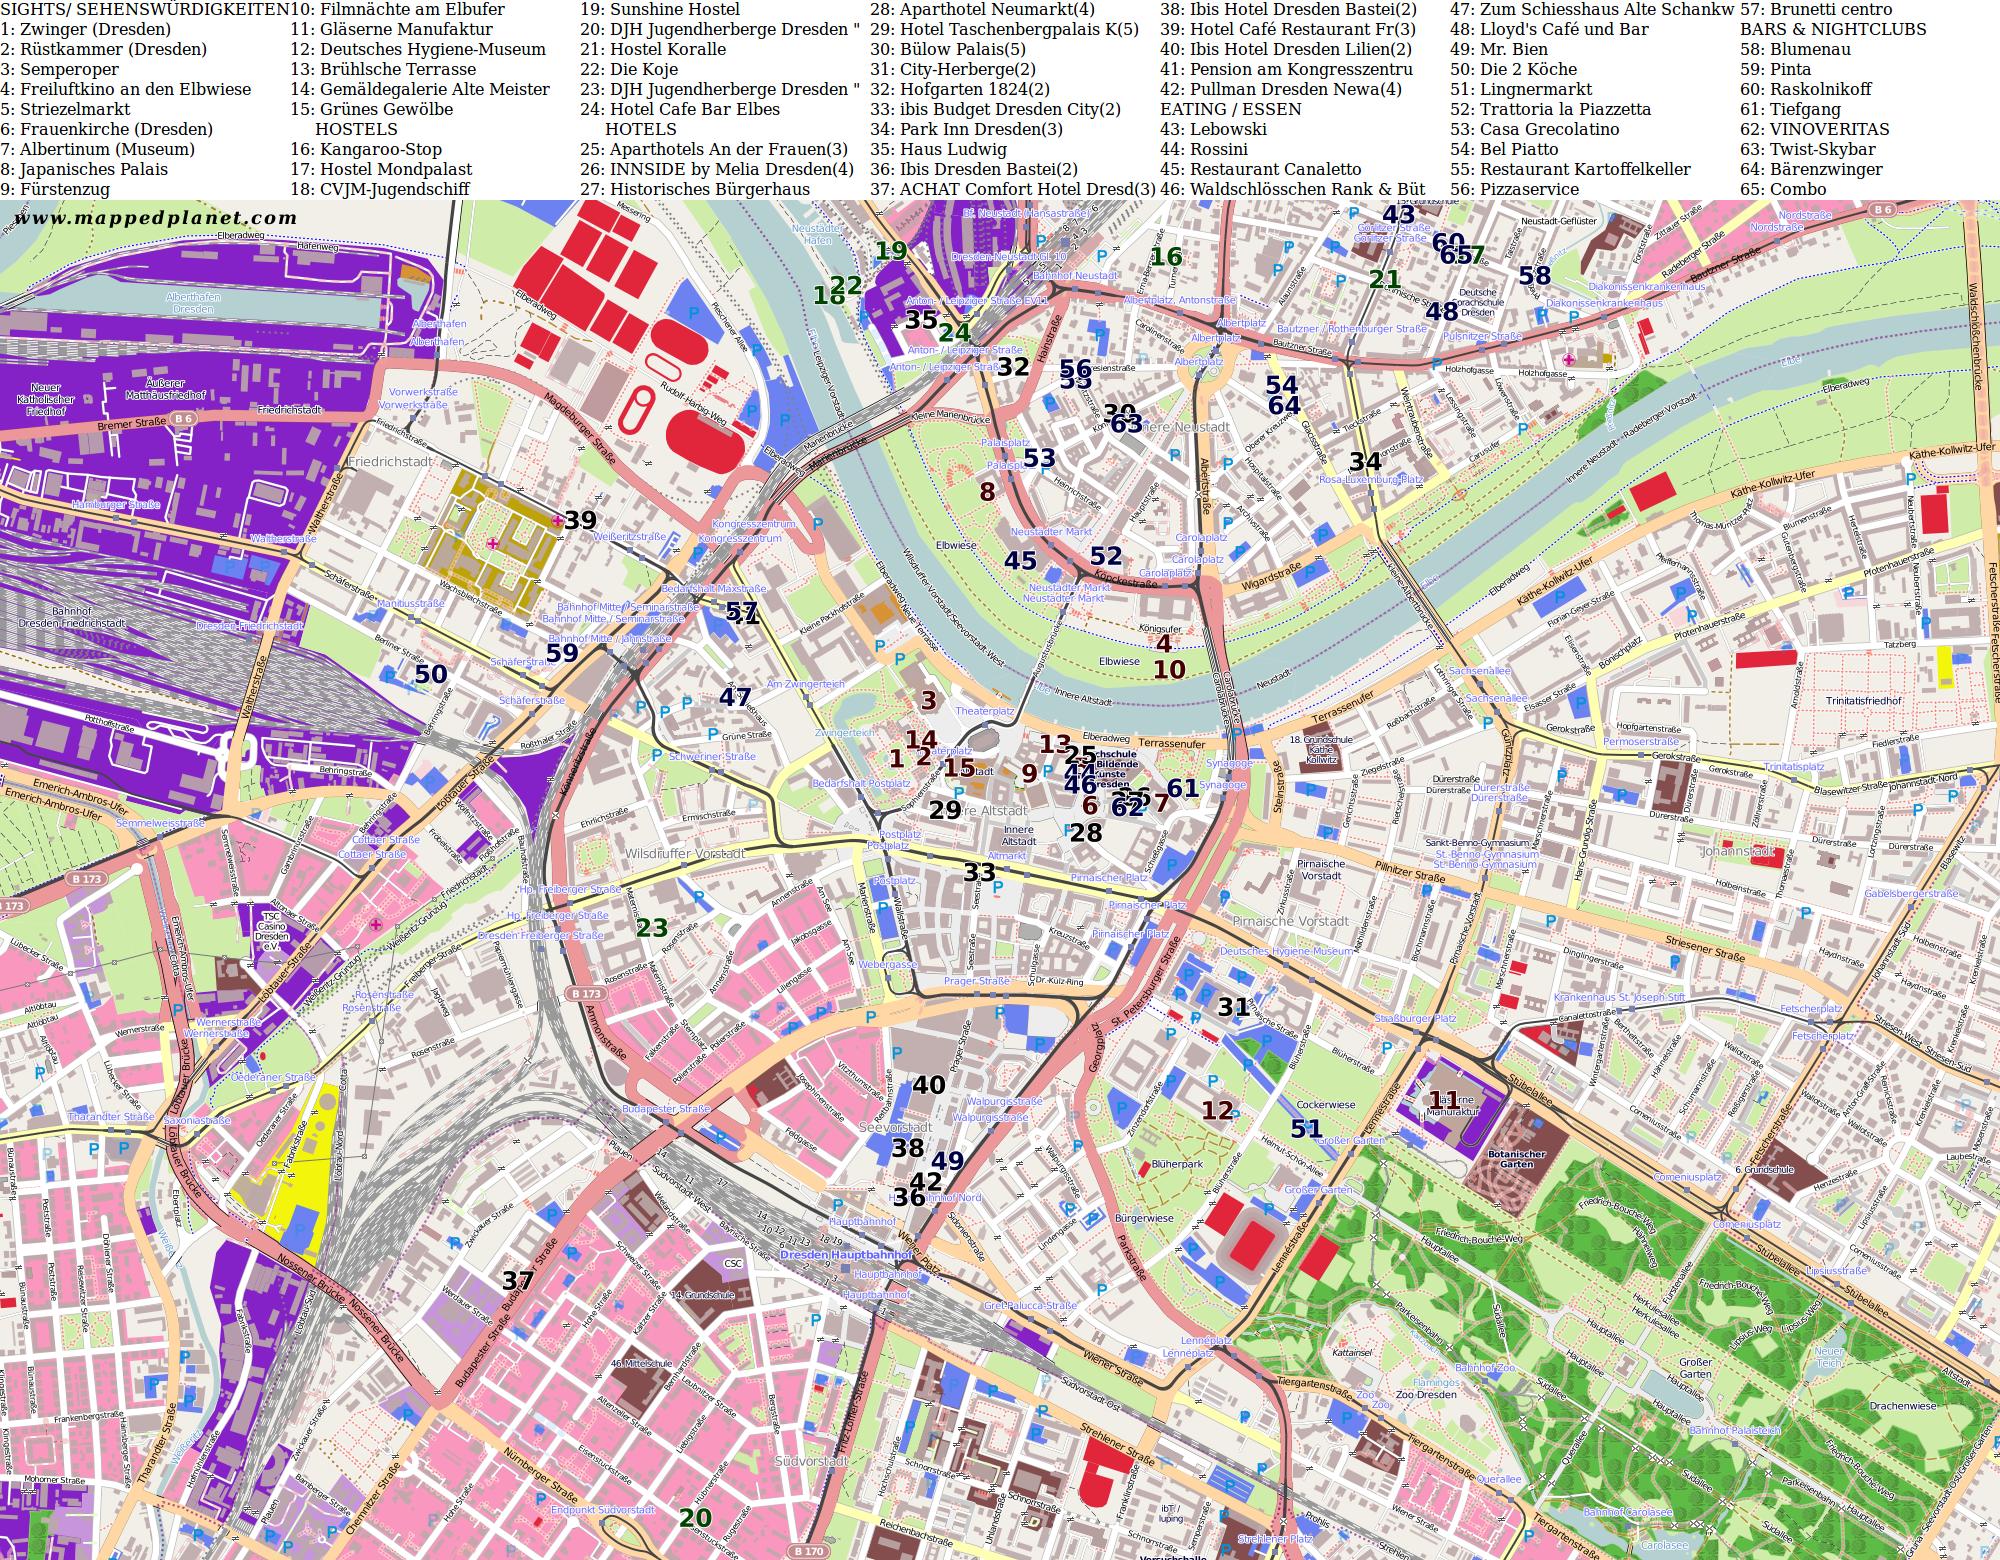 dresden sehenswürdigkeiten karte Karten und Stadtpläne Dresden